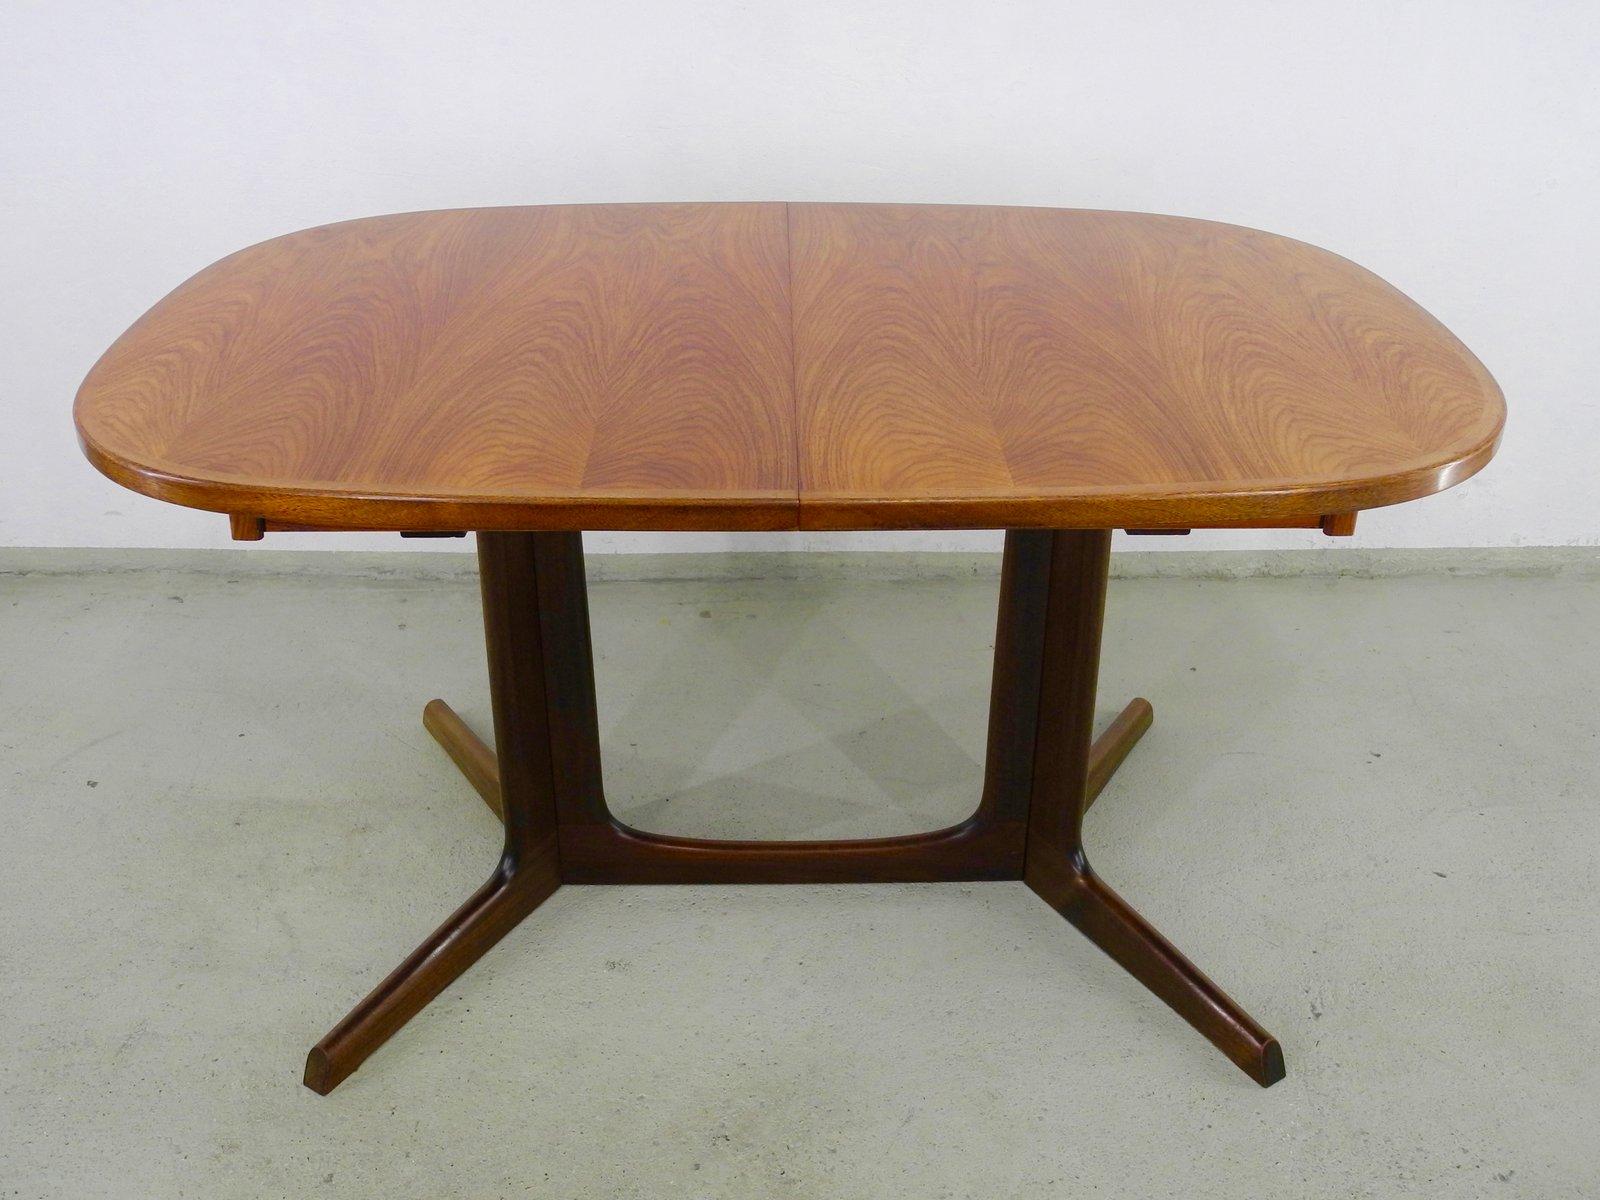 Vintage Dining Table by Niels O. Møller for Gudme Møbelfabrik for ...